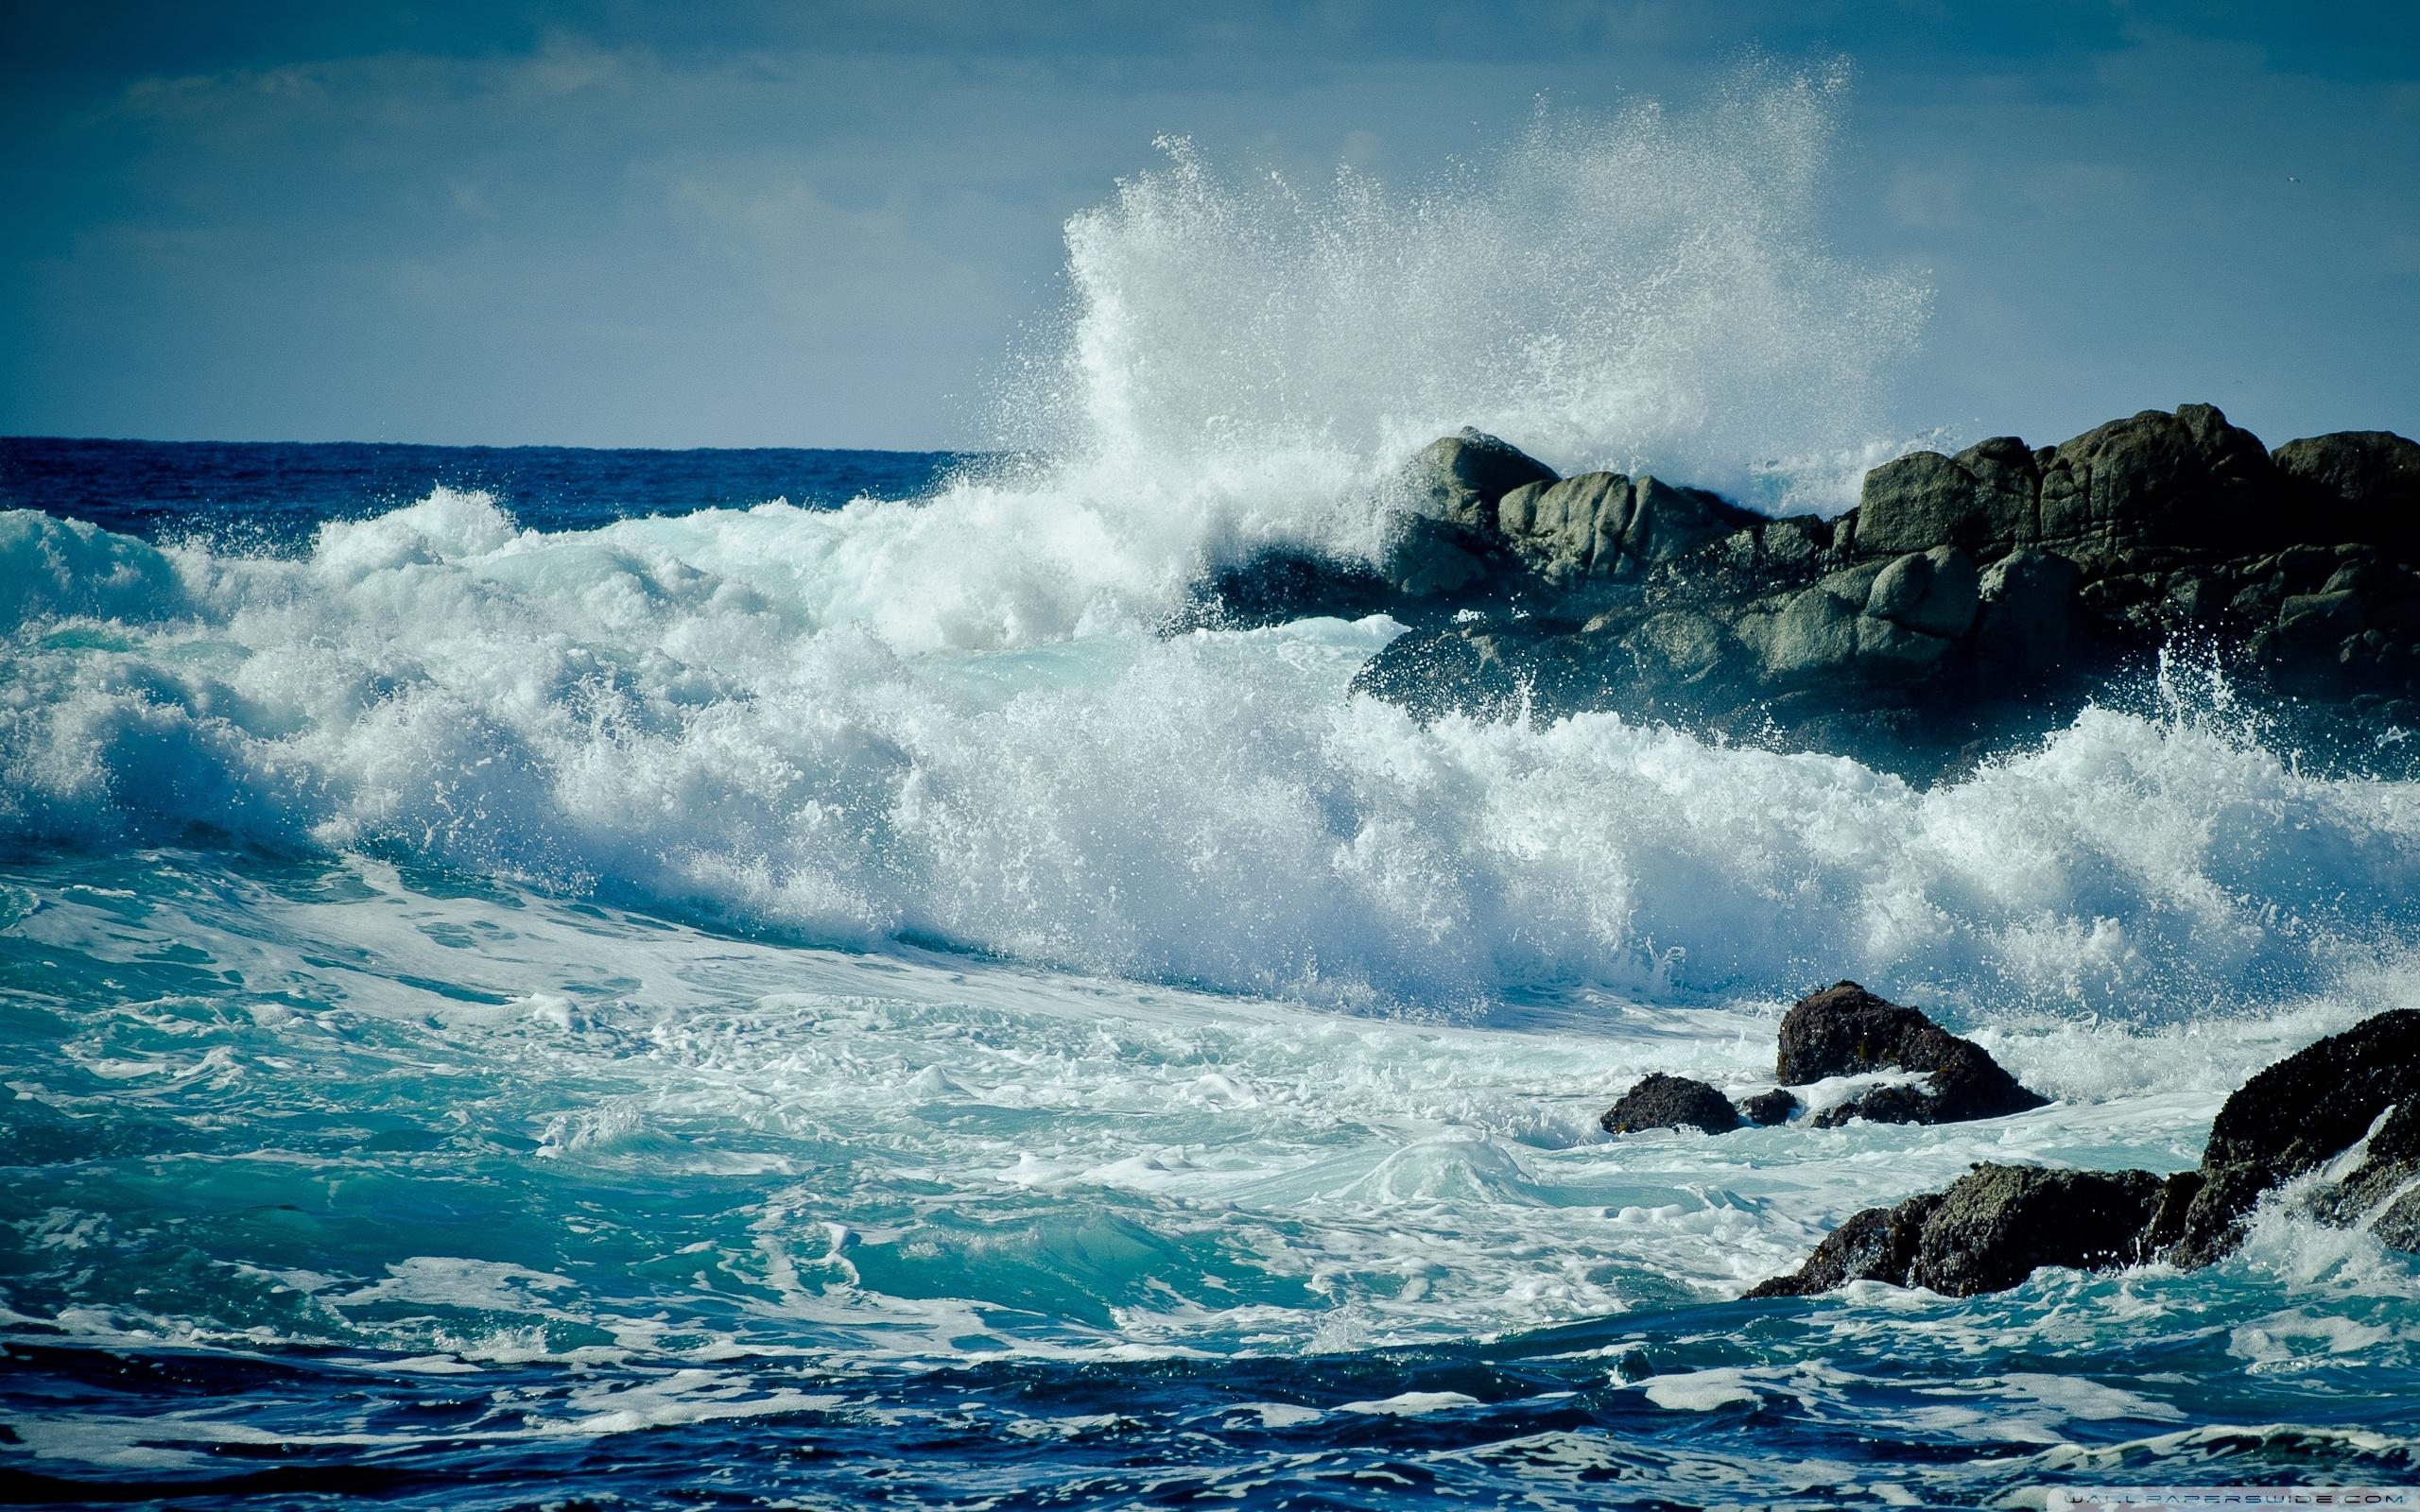 Crashing Wave Wallpaper